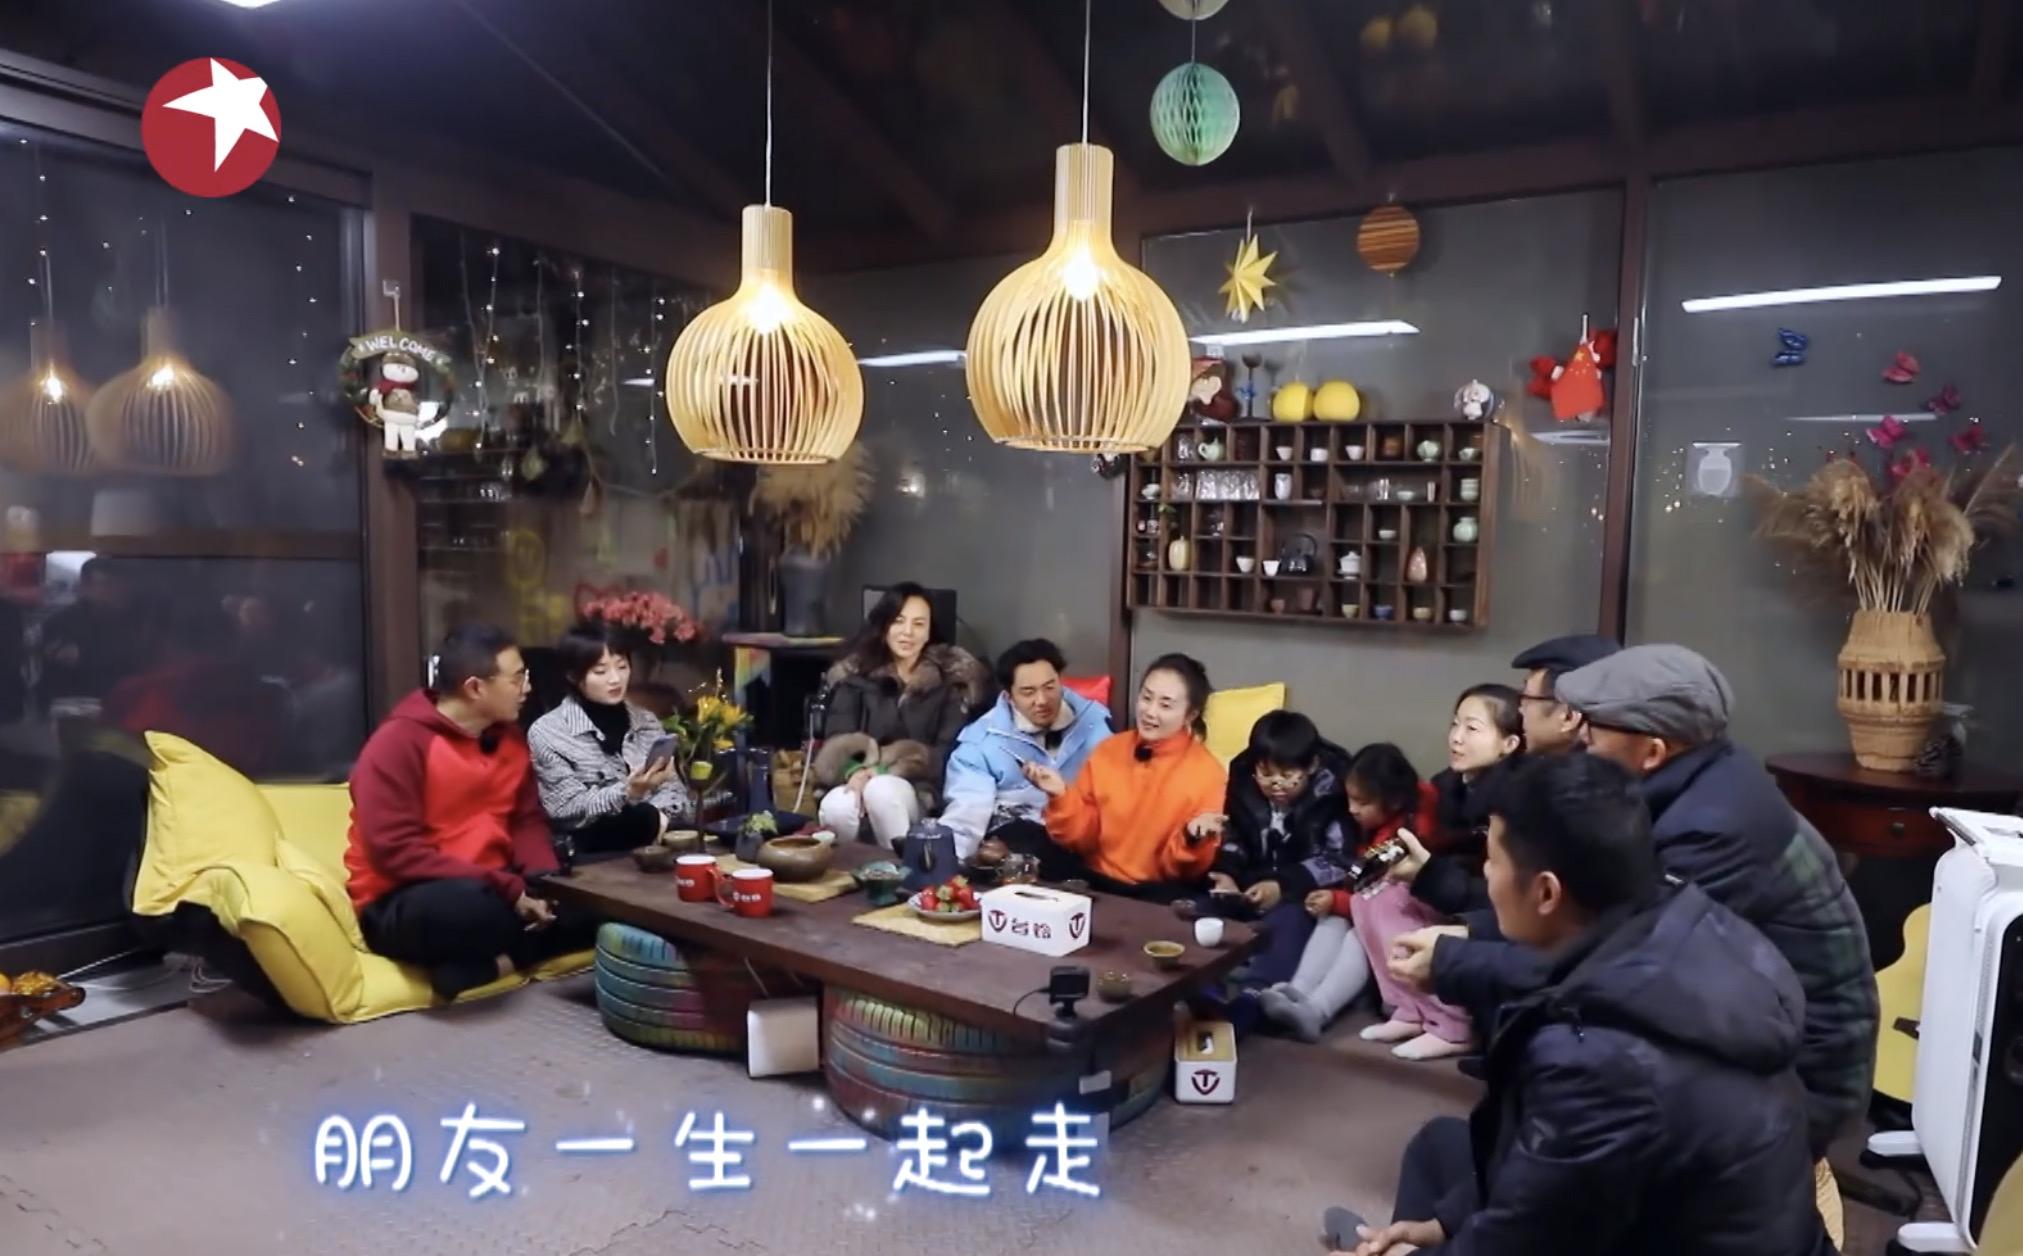 心安处方为家,东方卫视《亲爱的,来吃饭》感受和睦邻里文化的人情温度